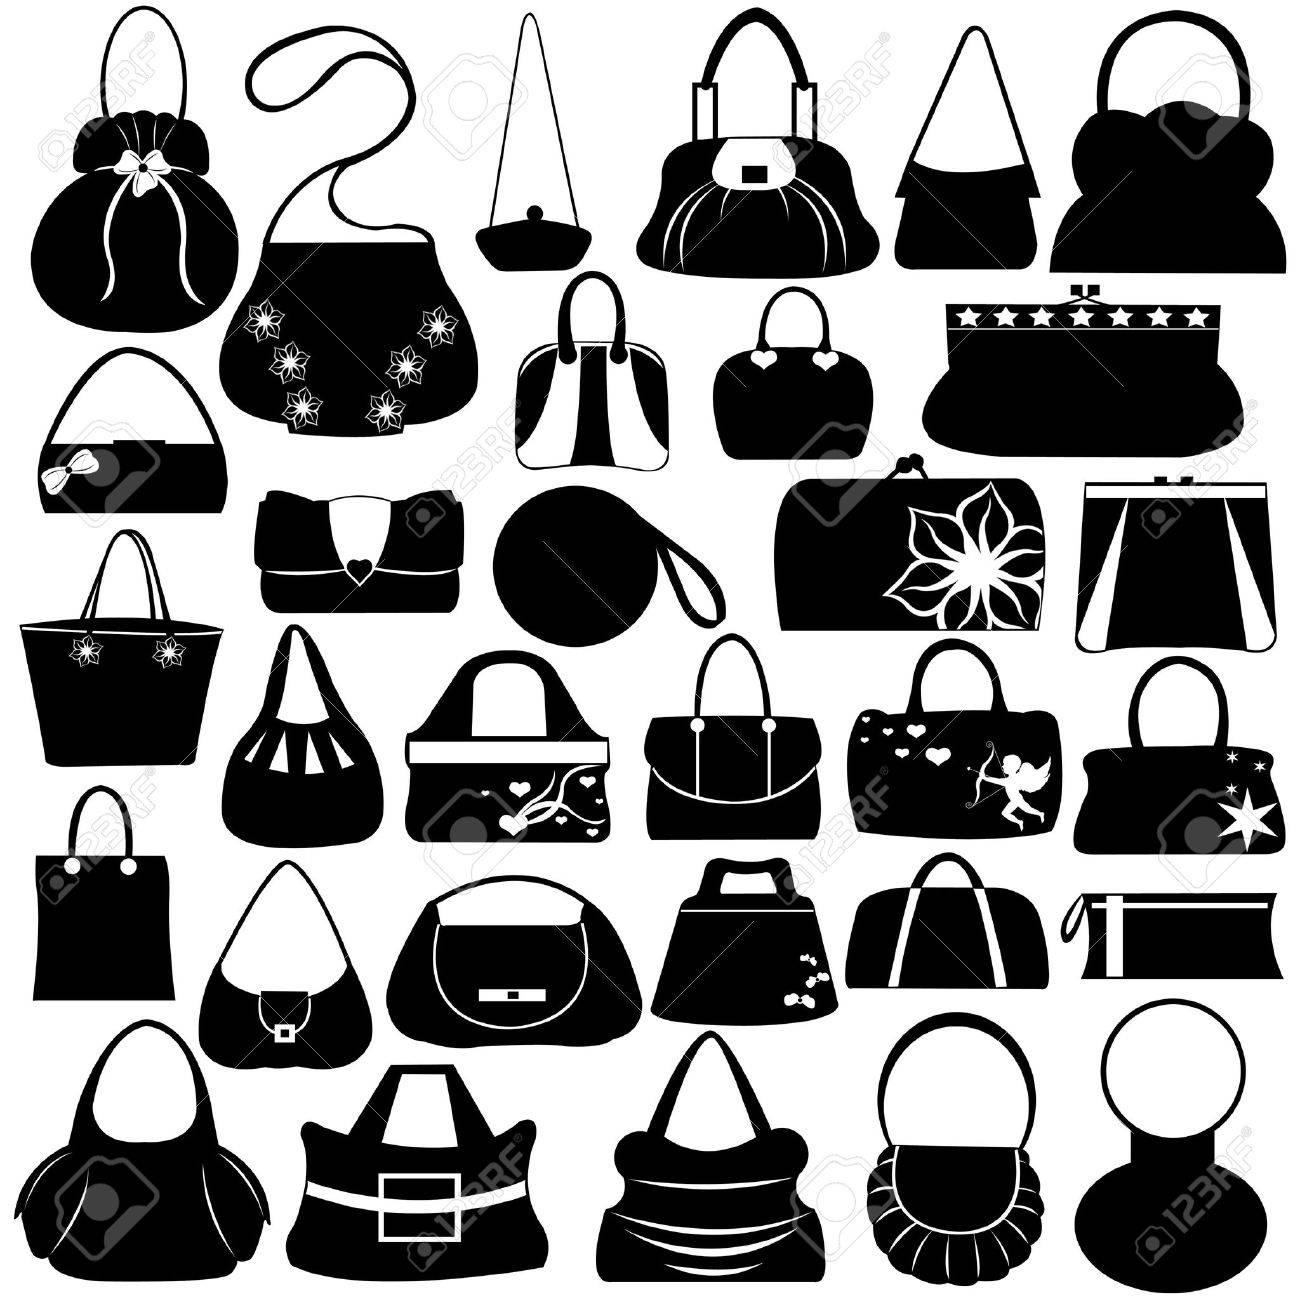 Female purse set isolated on white - 10888036